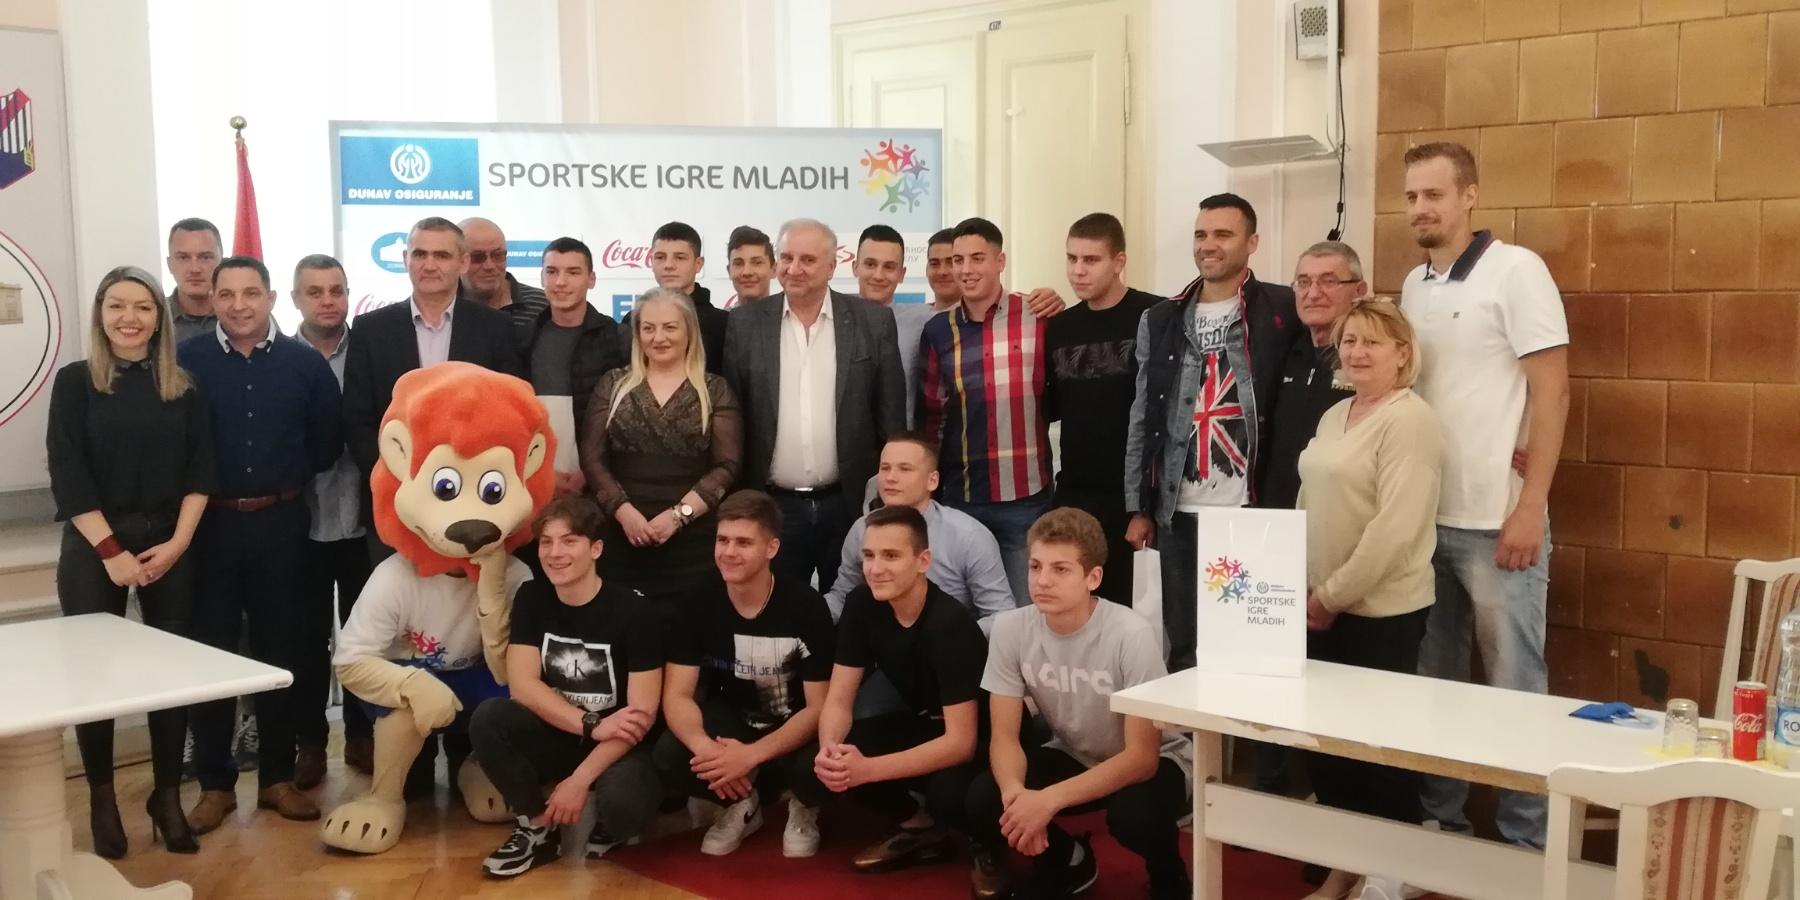 Veliko Gradište: prijem pobednika Sportskih igara mladih 2019 36407